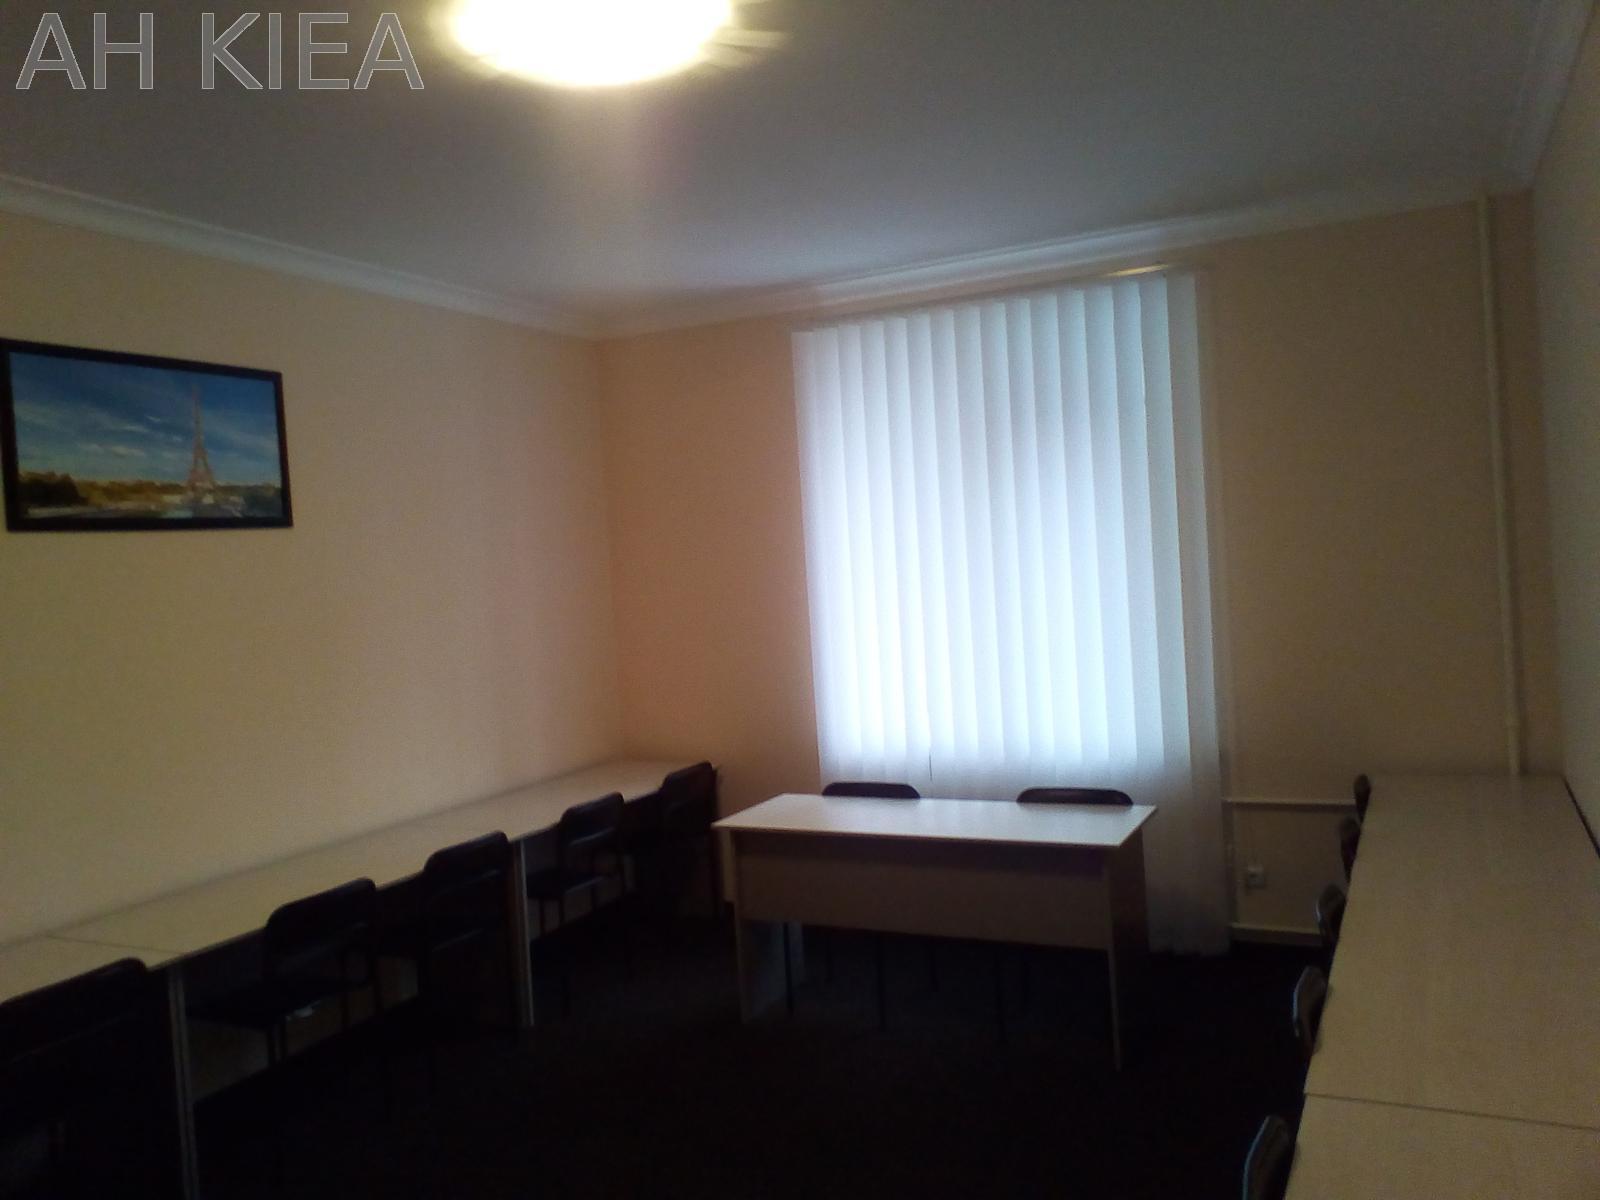 Продам офис в многоквартирном доме Киев, Воздухофлотский пр-т